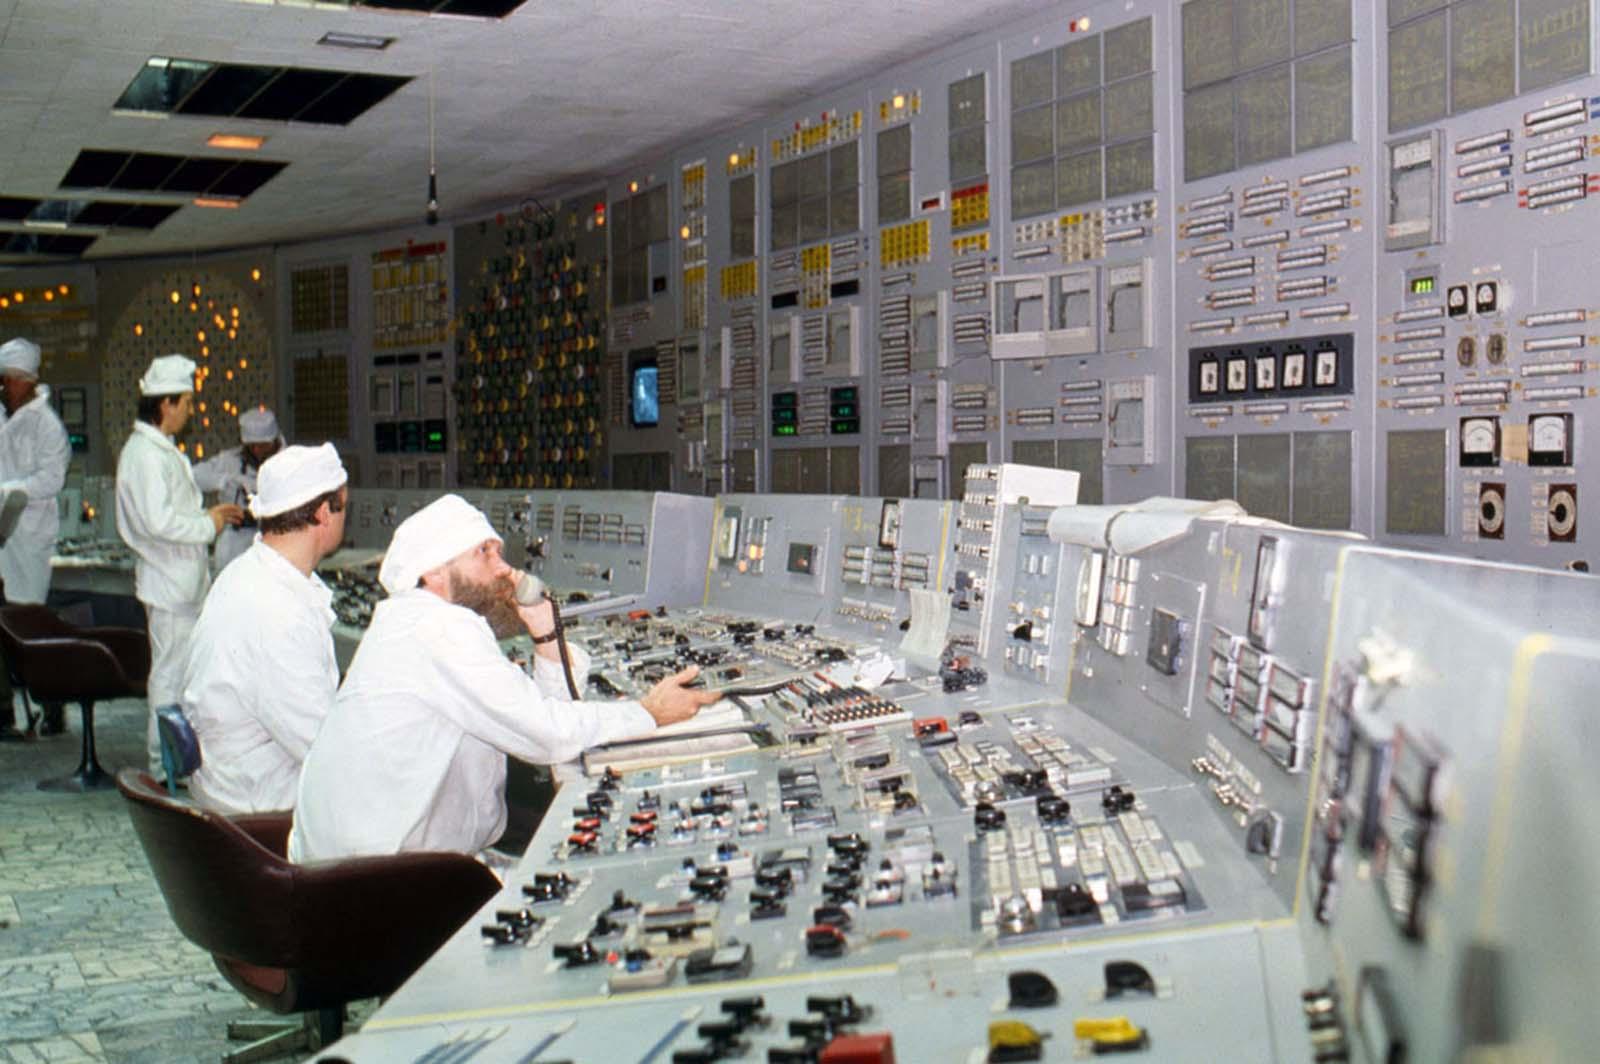 Una foto interior de una sección aún en funcionamiento de la planta de energía nuclear de Chernobyl tomada unos meses después del desastre en 1986.